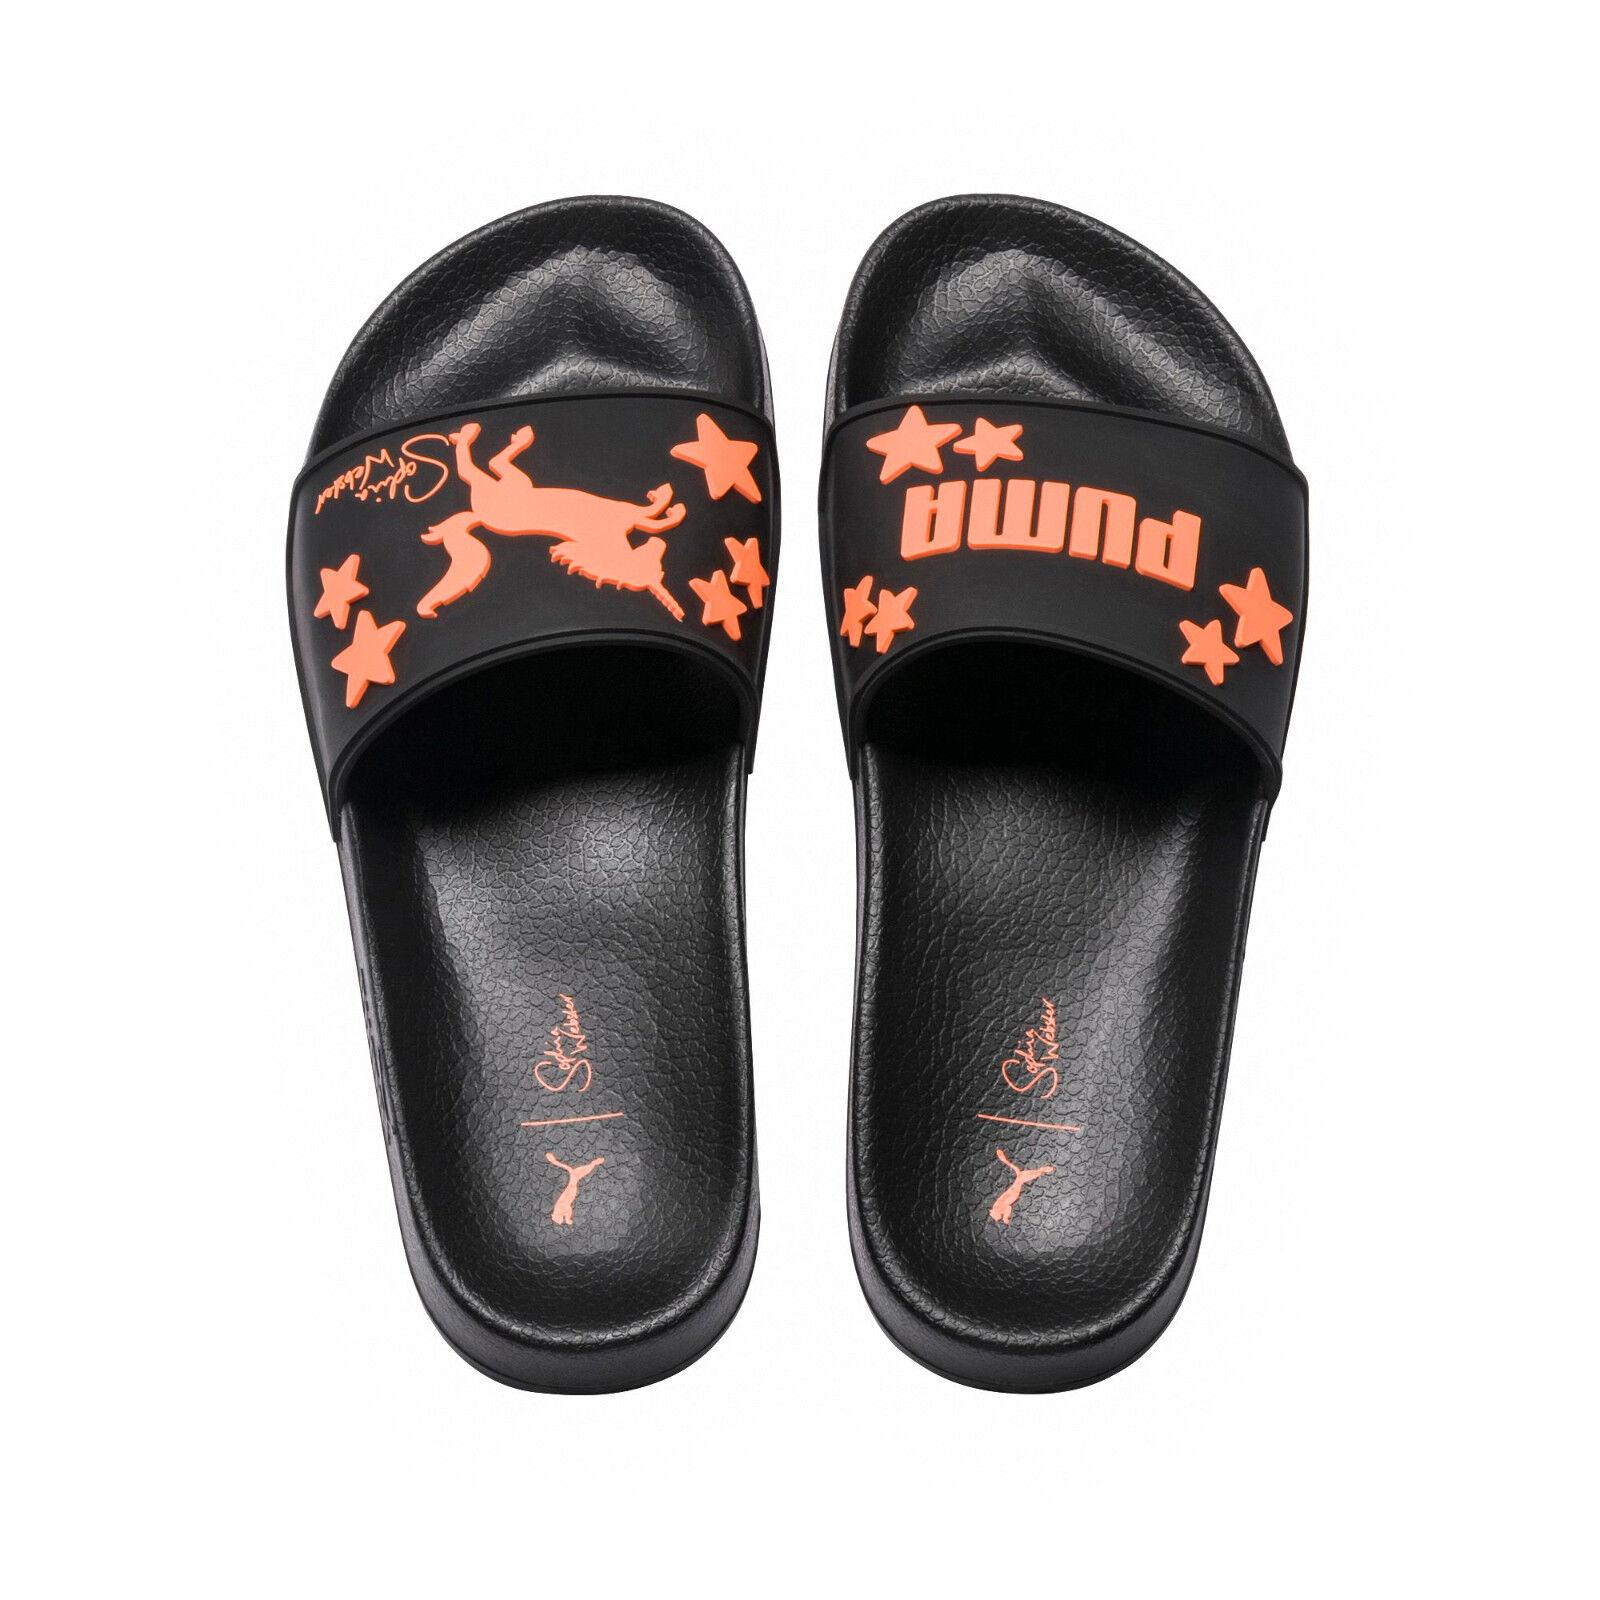 Puma x di sophia webster leadcat sandali di x gomma diapositive tutte le taglie nero 364757 01 26aef0